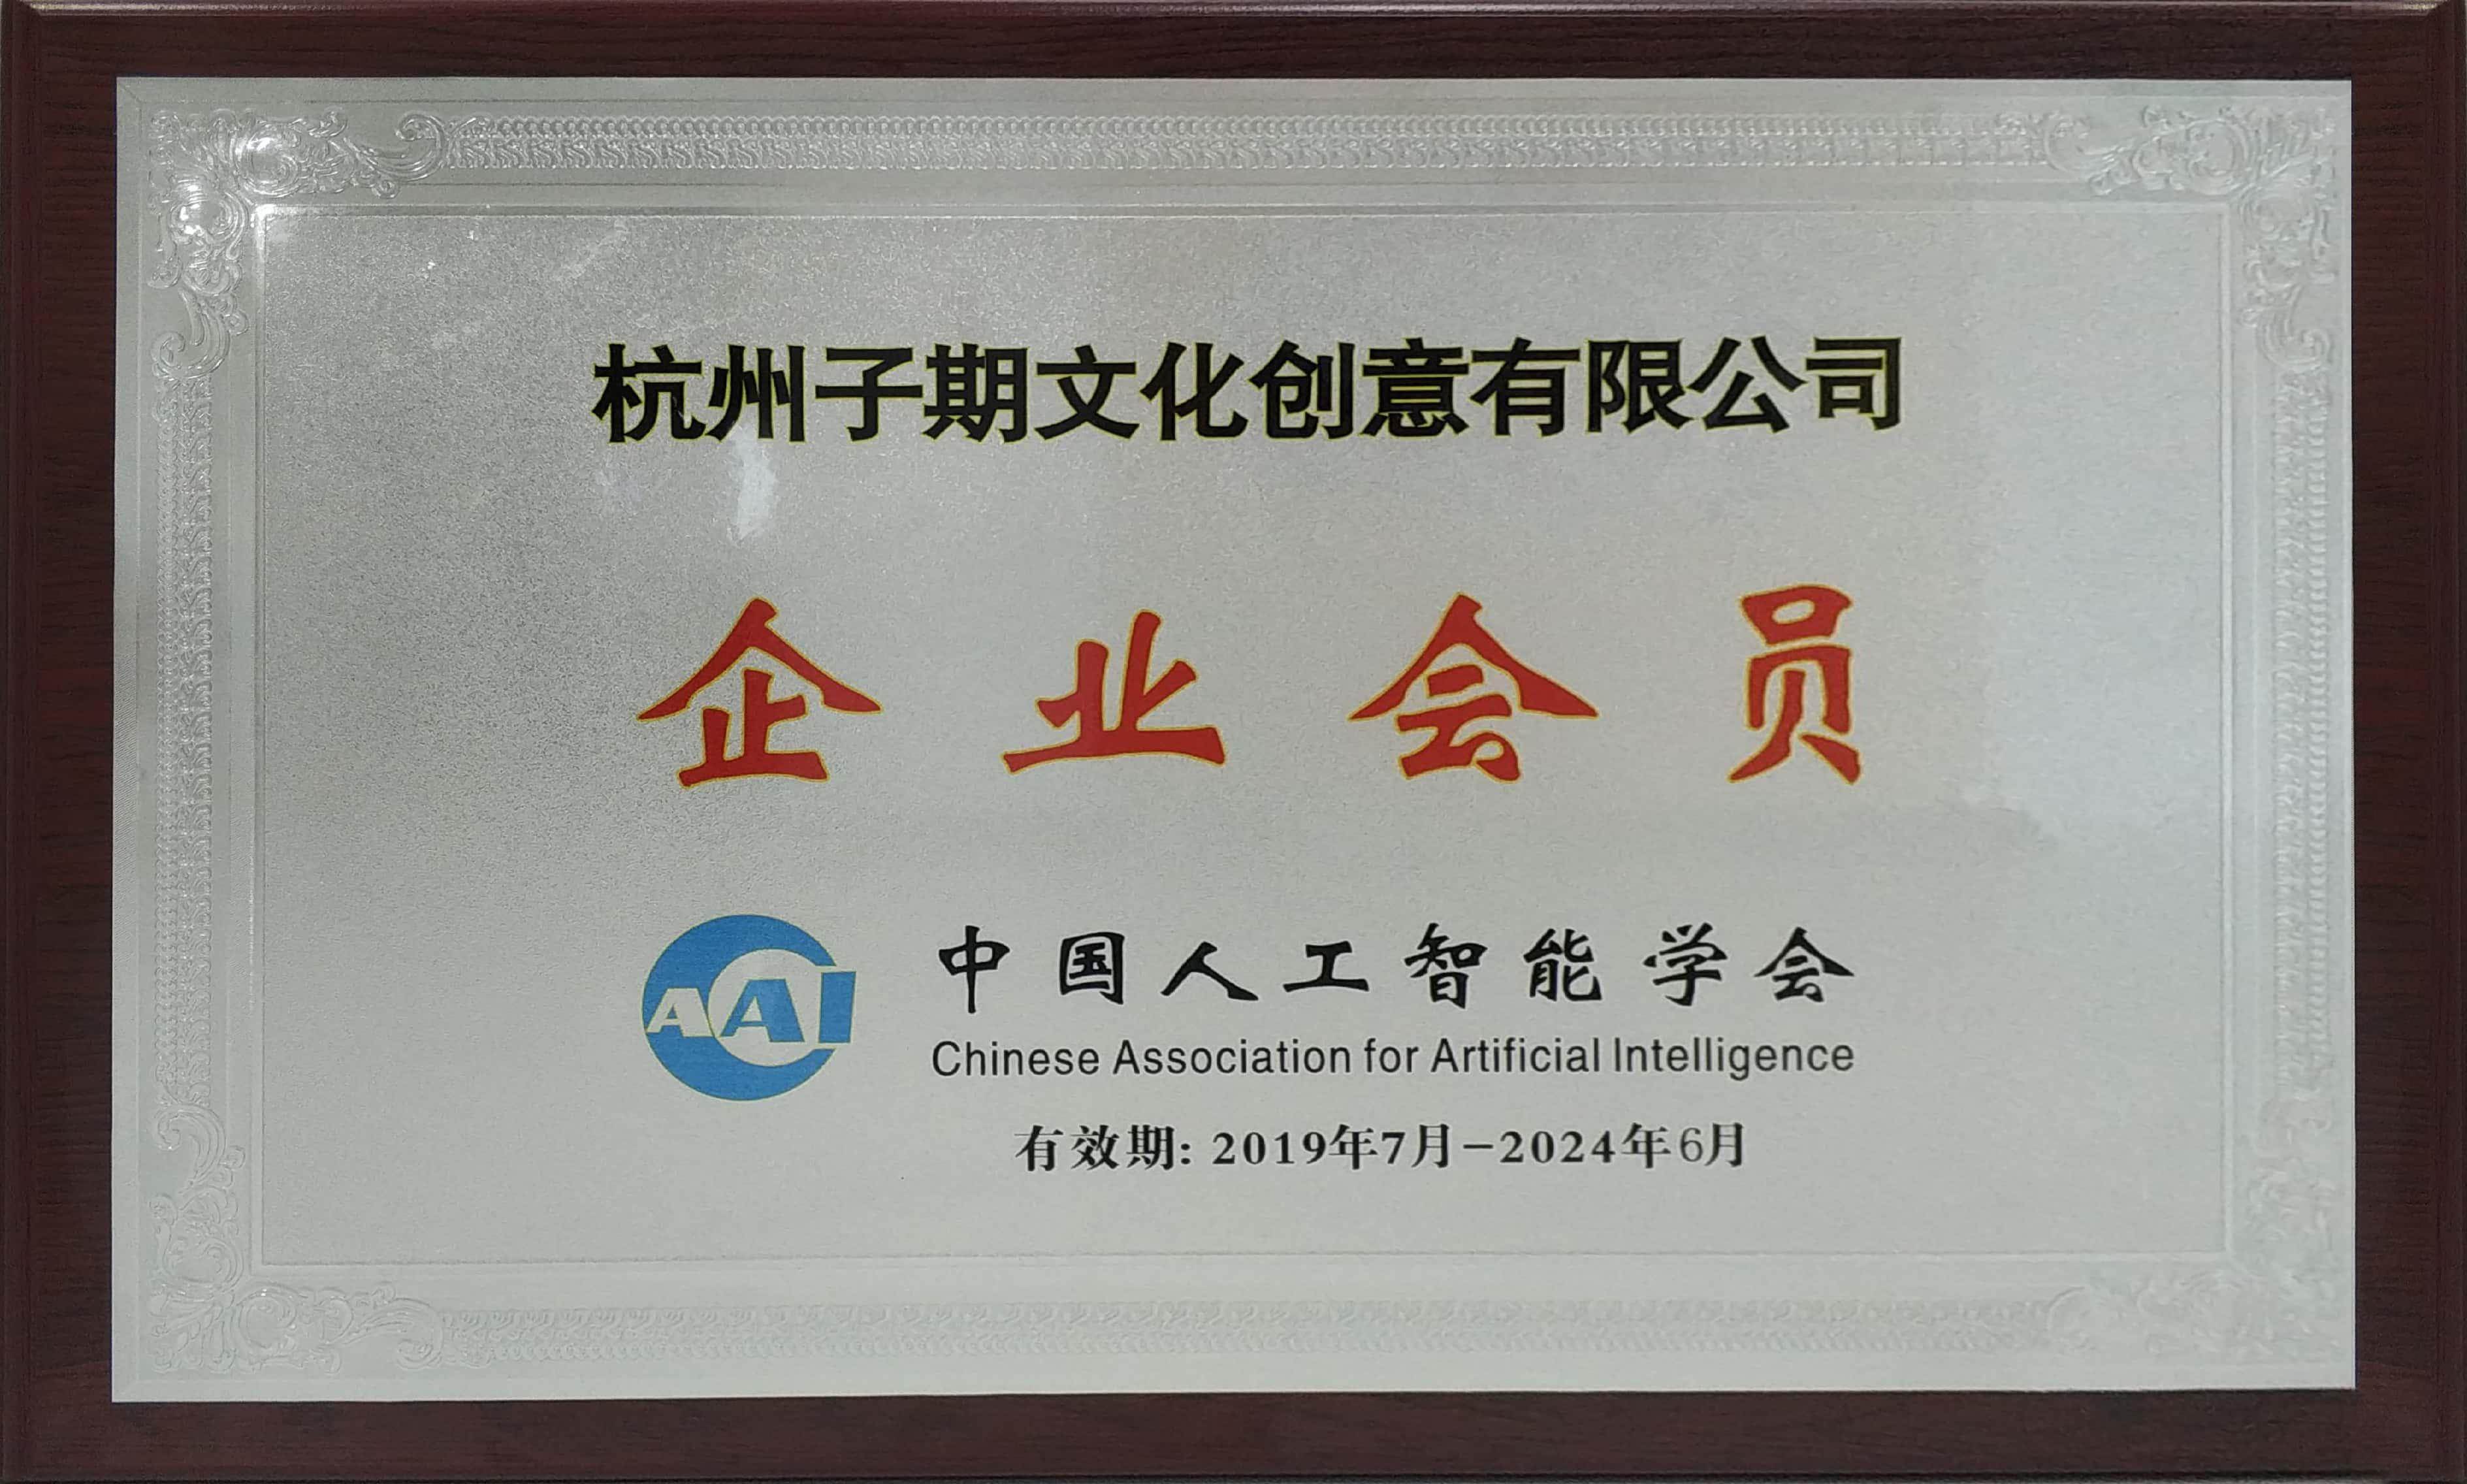 子期机器人为中国人工智能学会会员